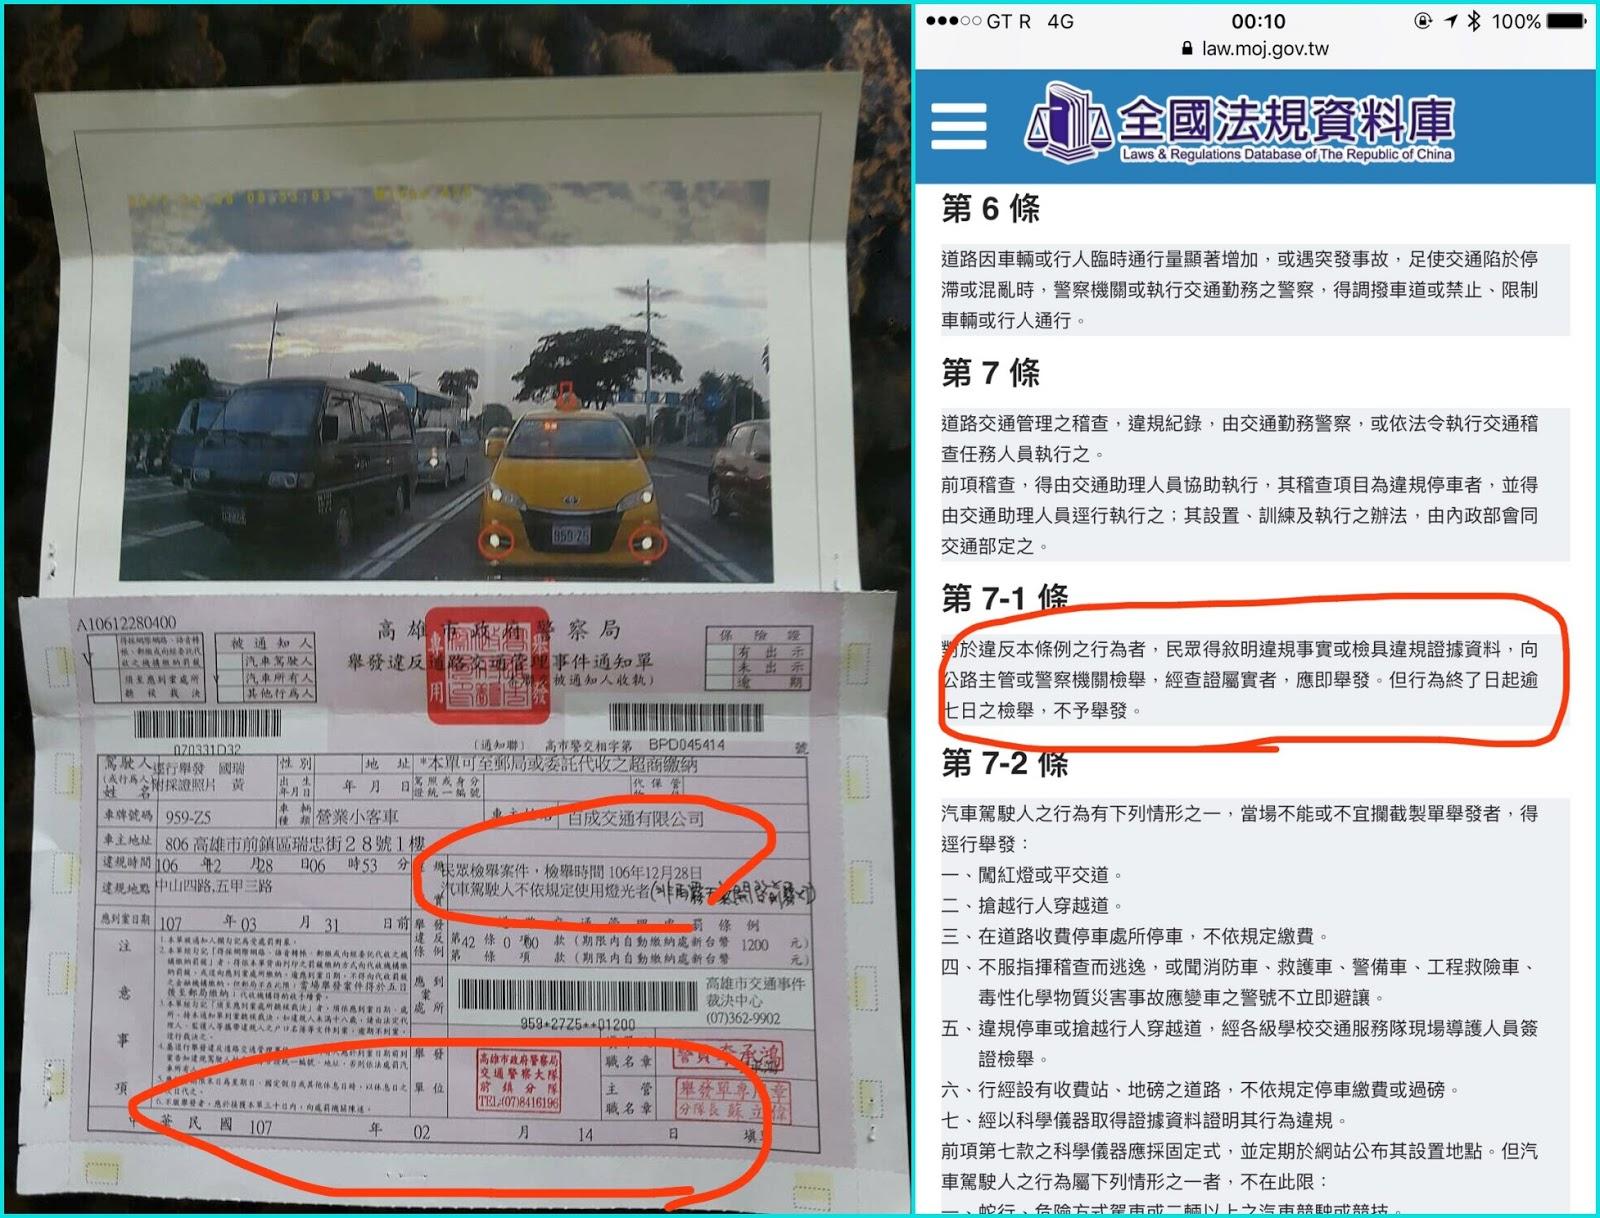 【假LINE】罰單注意檢舉跟開單日期?超過七日的申訴罰單謠言 ~ MyGoPen|這是假消息